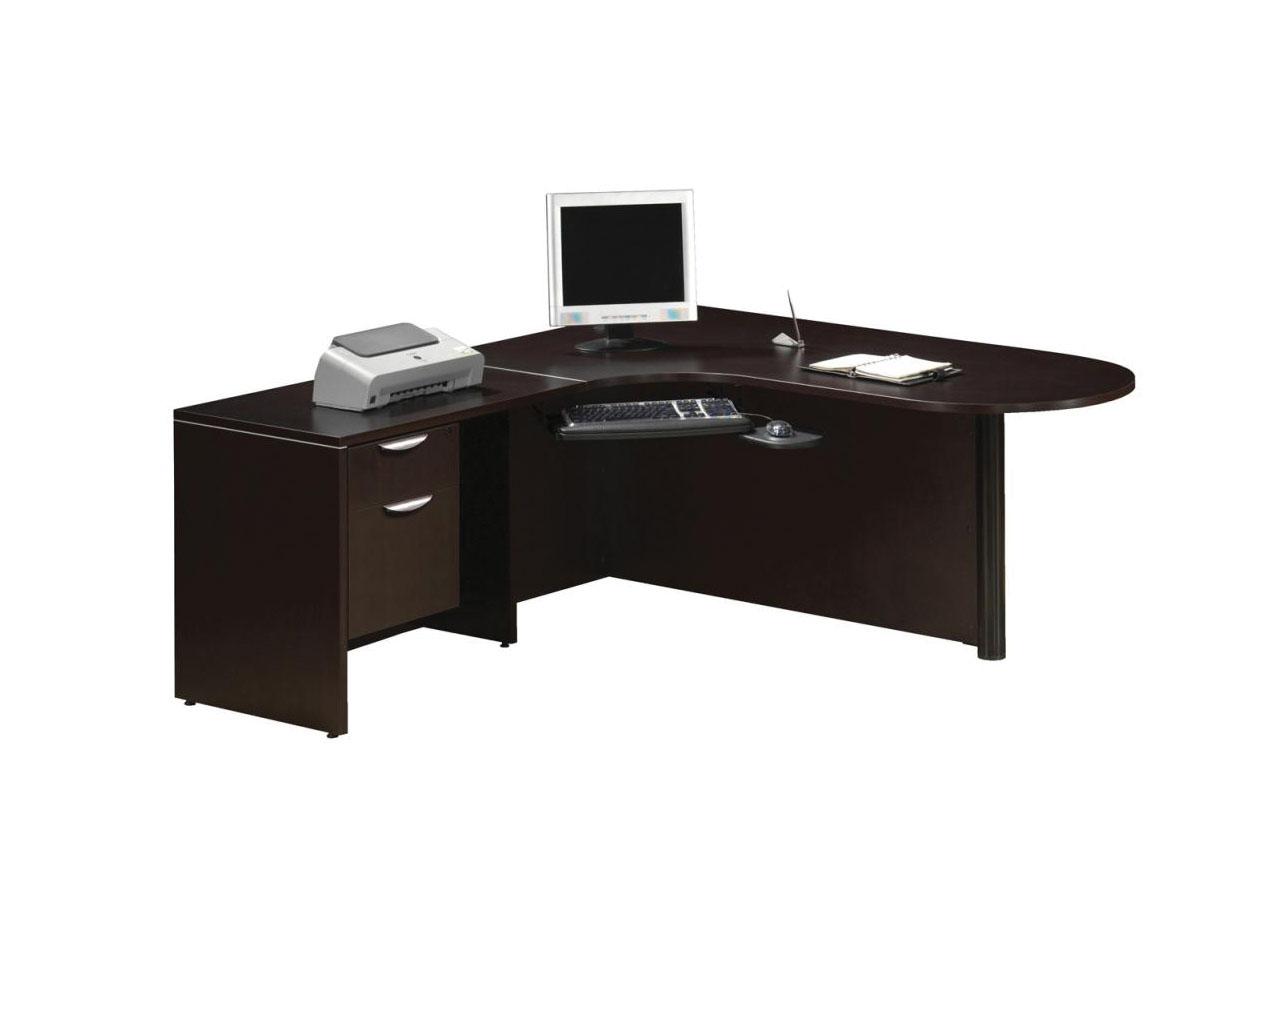 Bullet desk workstation with a 3 4 box file pedestal